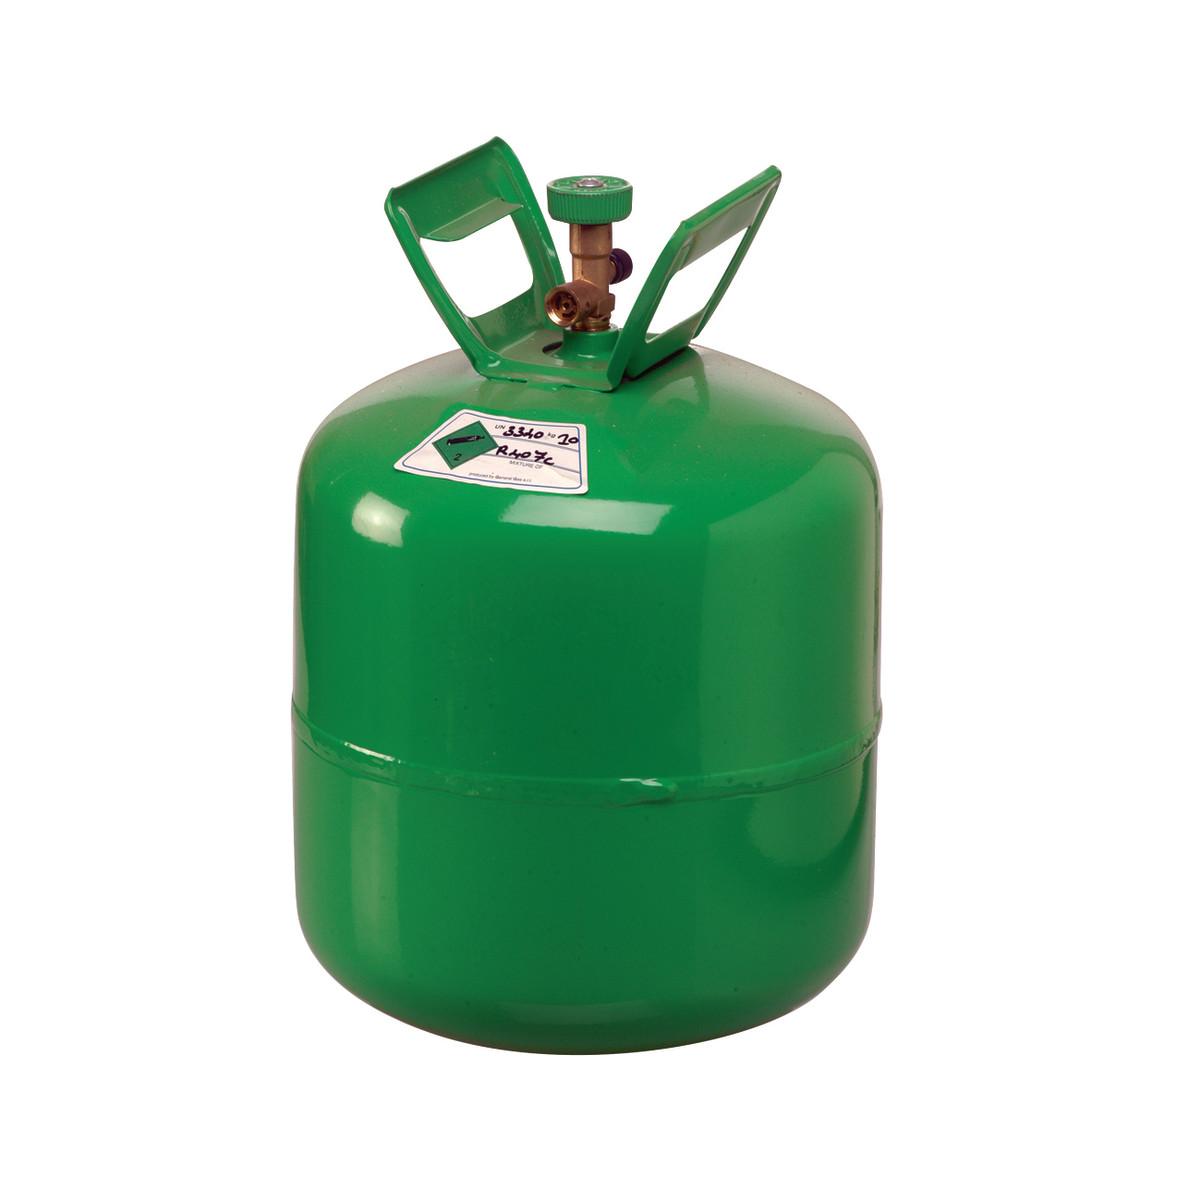 Stufa gas bombola al prezzo migliore offerte opinioni for Bombola gas 5 kg leroy merlin